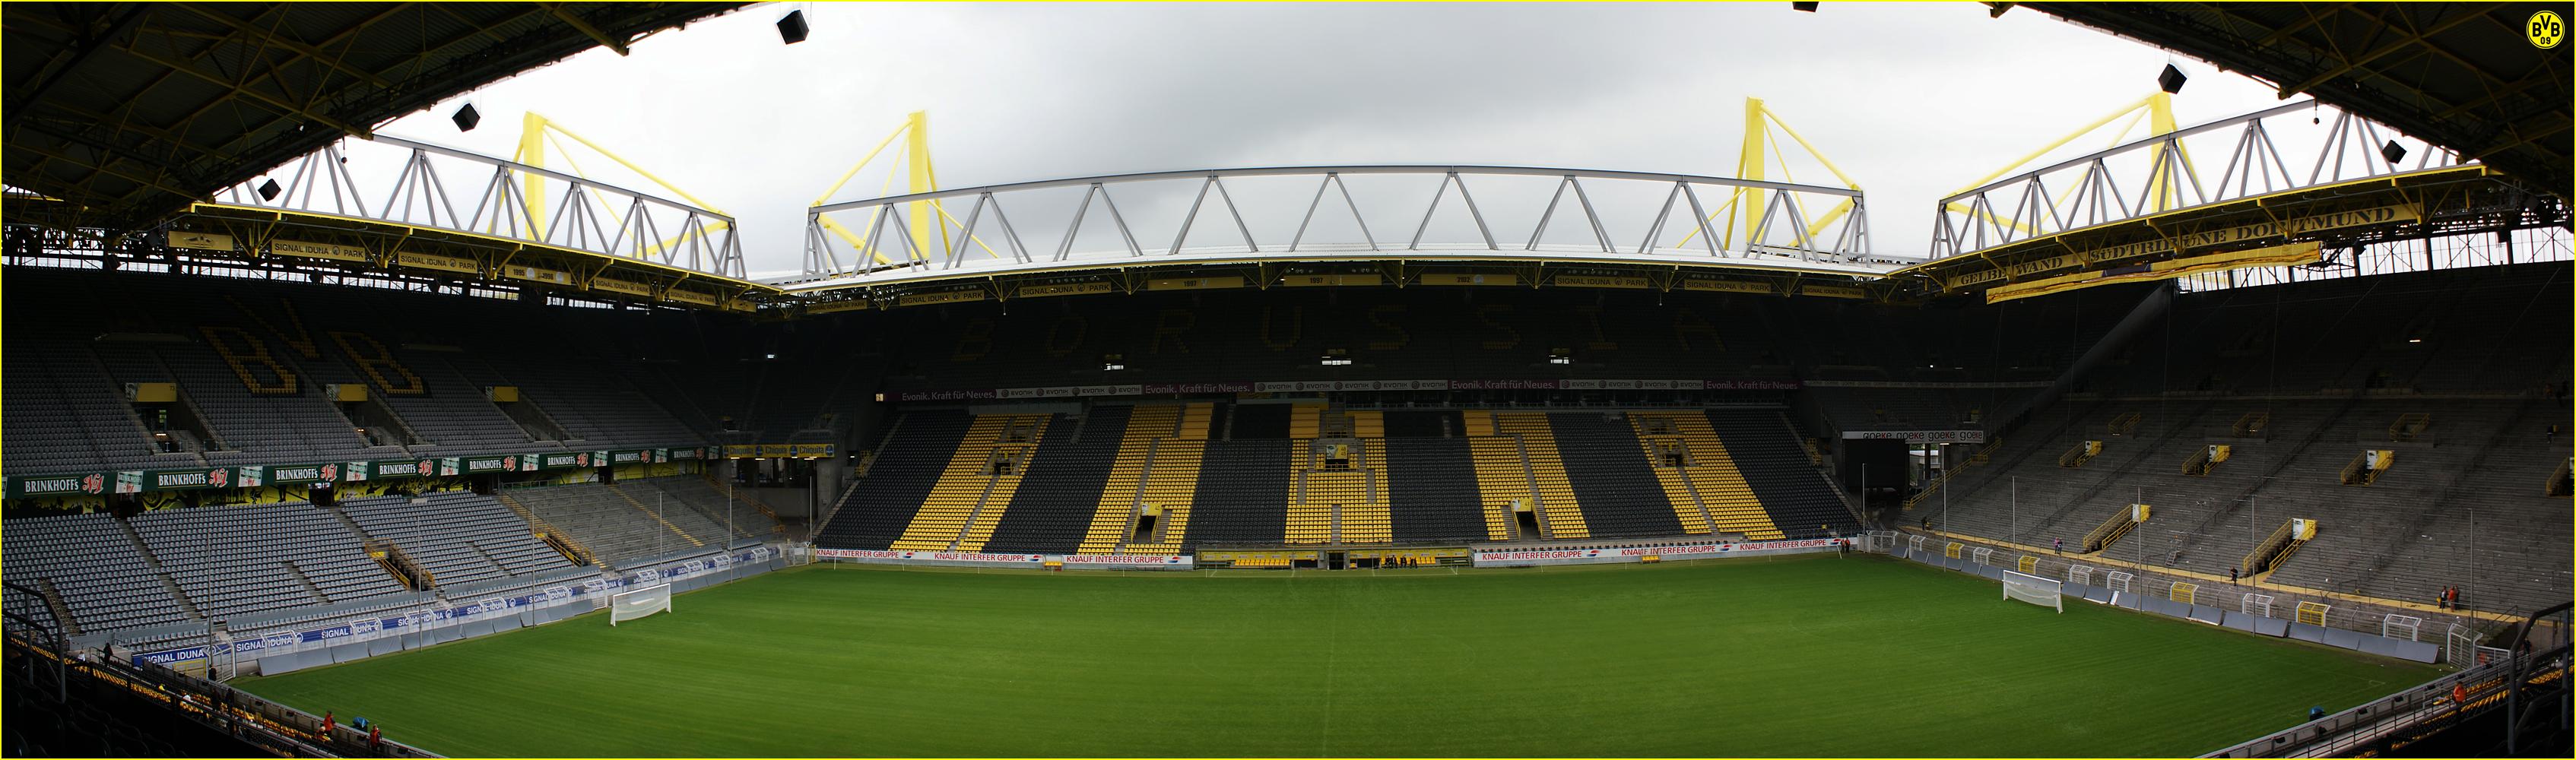 stadion bvb panorama by skywalkerdesign on deviantart. Black Bedroom Furniture Sets. Home Design Ideas